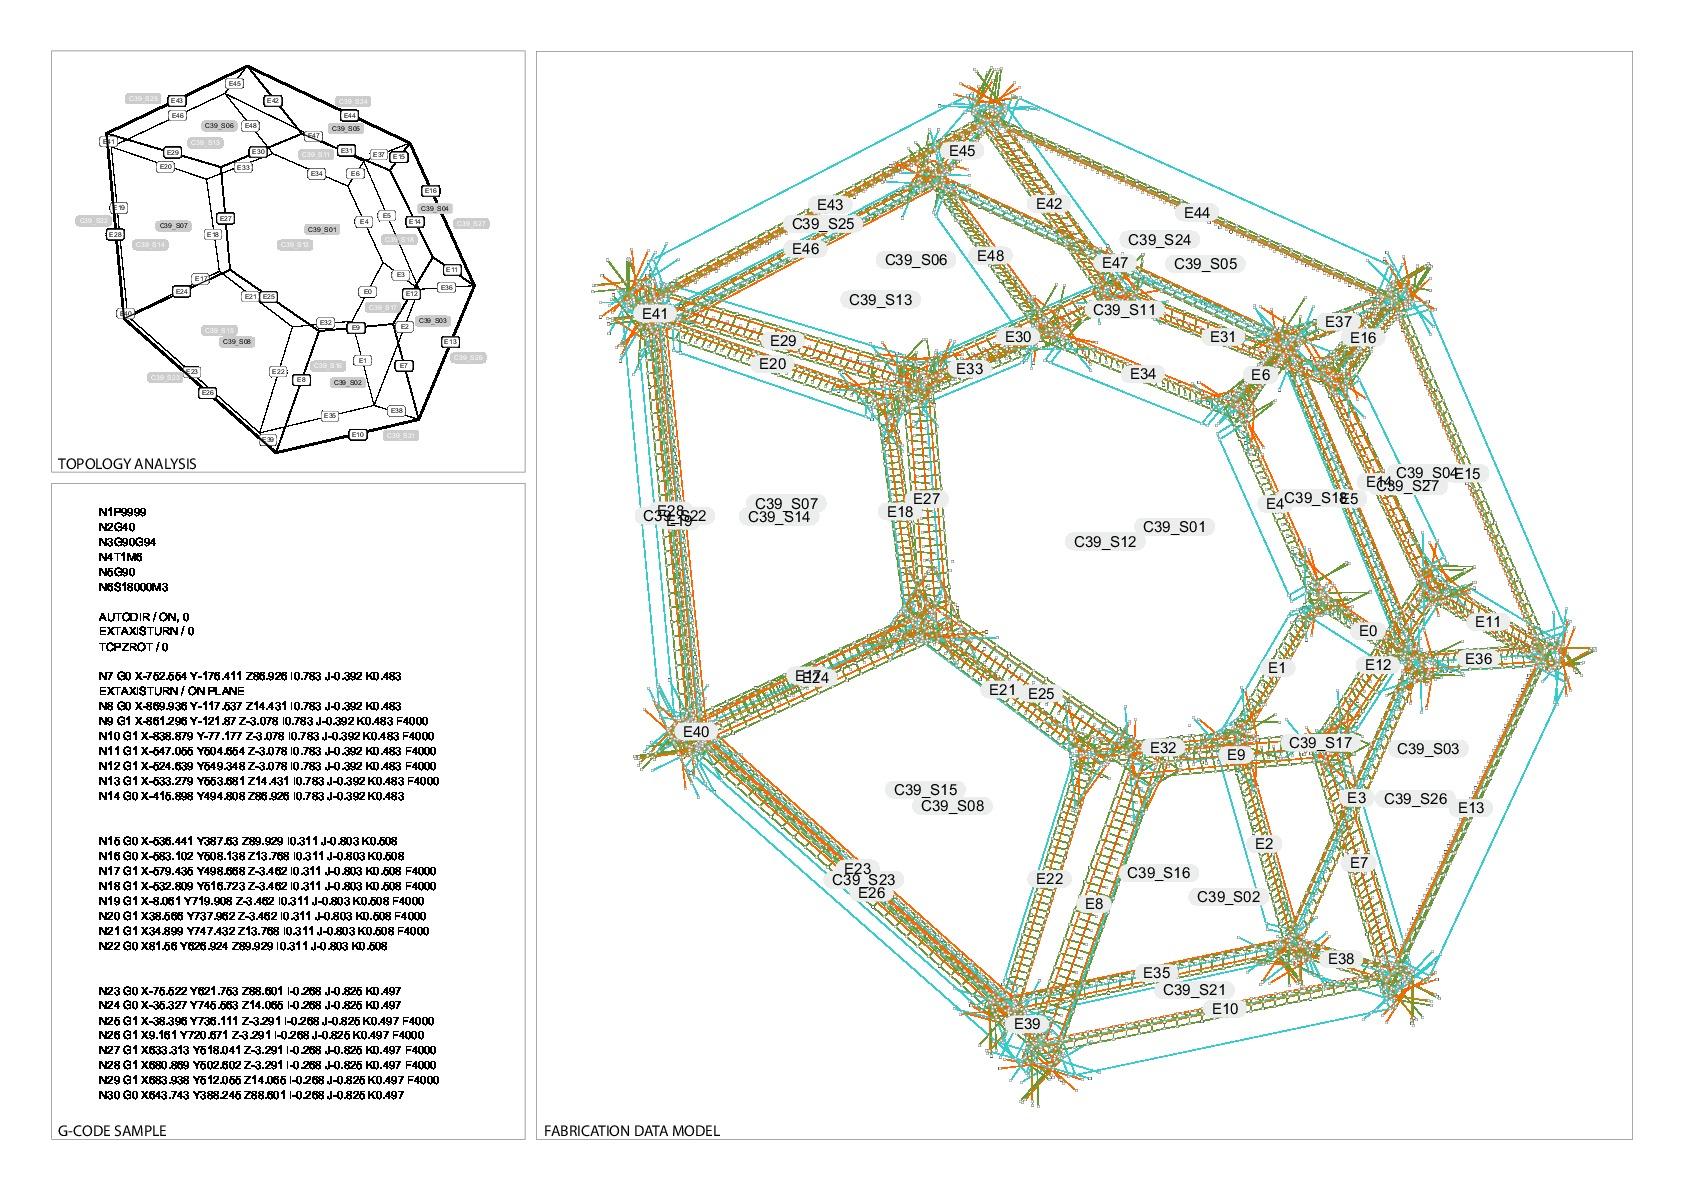 Die vollständige Fertigungsinformation konnte aus dem parametrischen Entwurfs- und Planungsmodell abgeleitet werden.